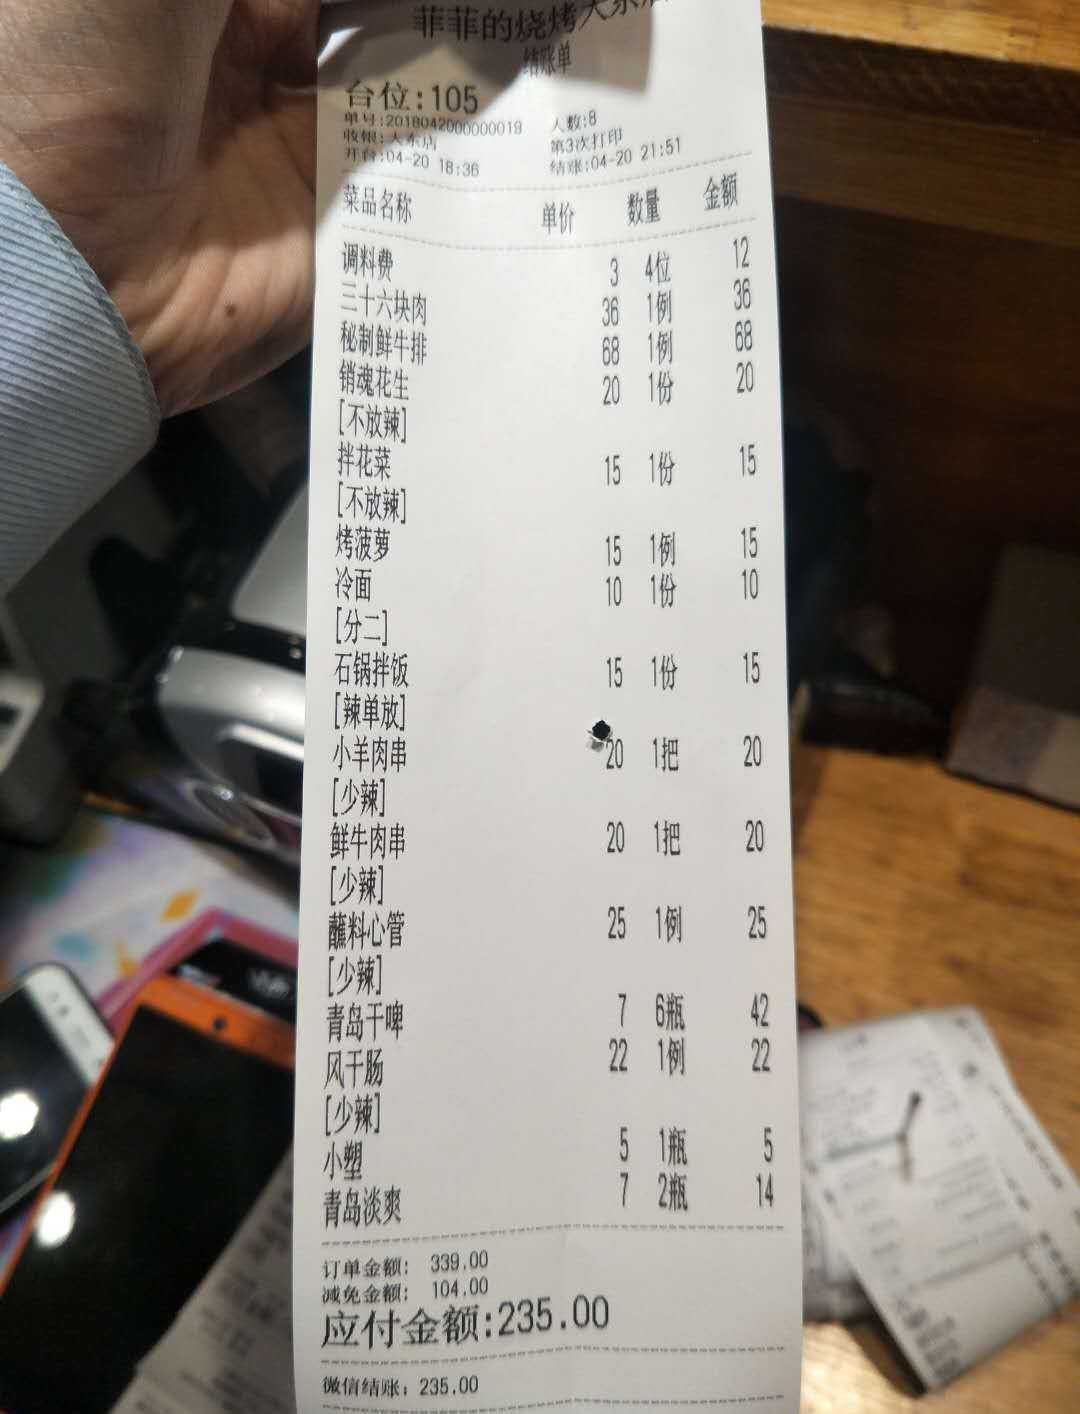 辽篮夺冠带火沈阳烧烤,场场爆满都算弱的,有的店1小时订出1000多座